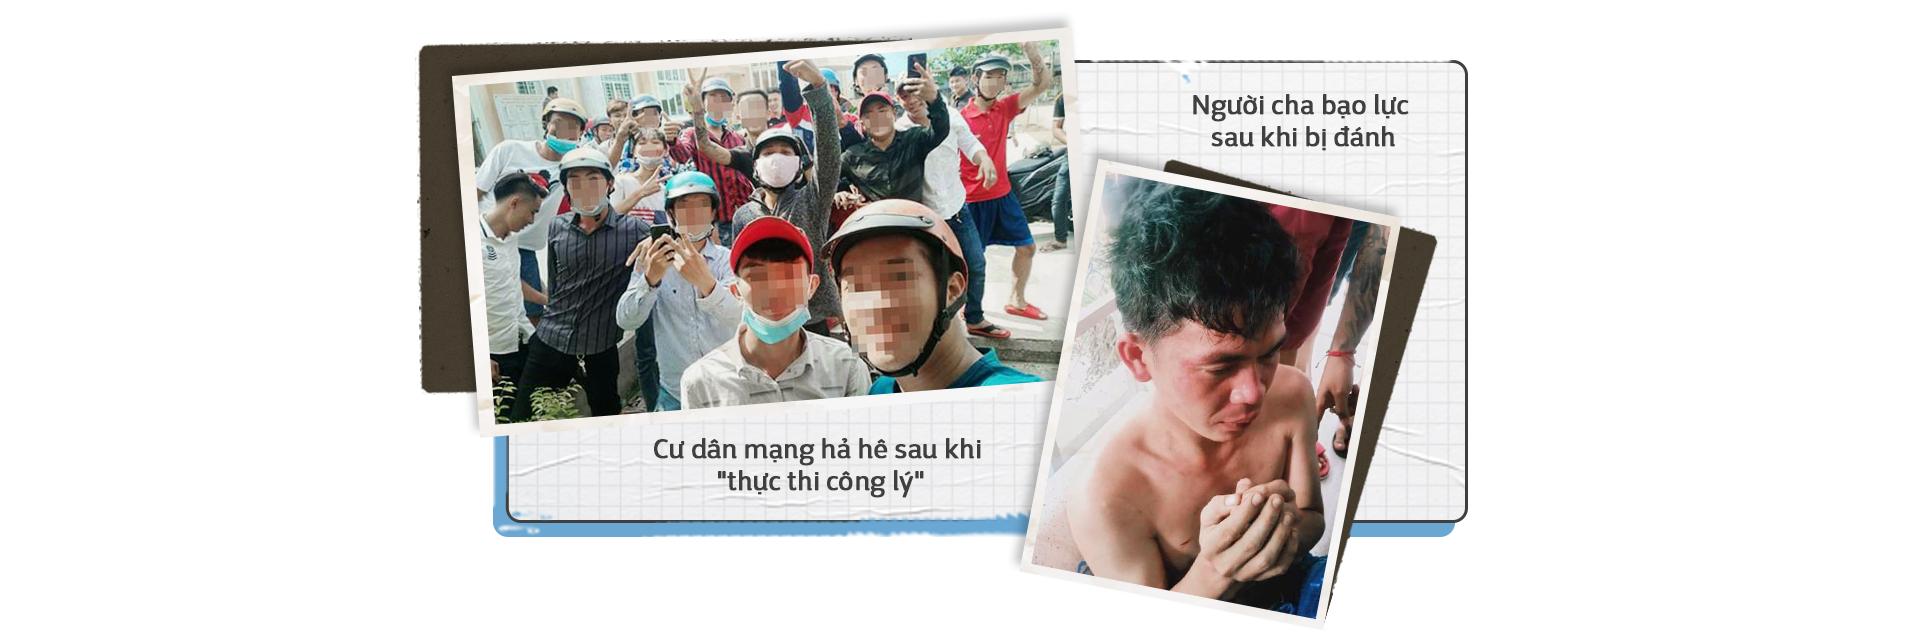 Những câu chuyện nóng hổi tạo trend trong giới trẻ Việt 2019 - Ảnh 28.